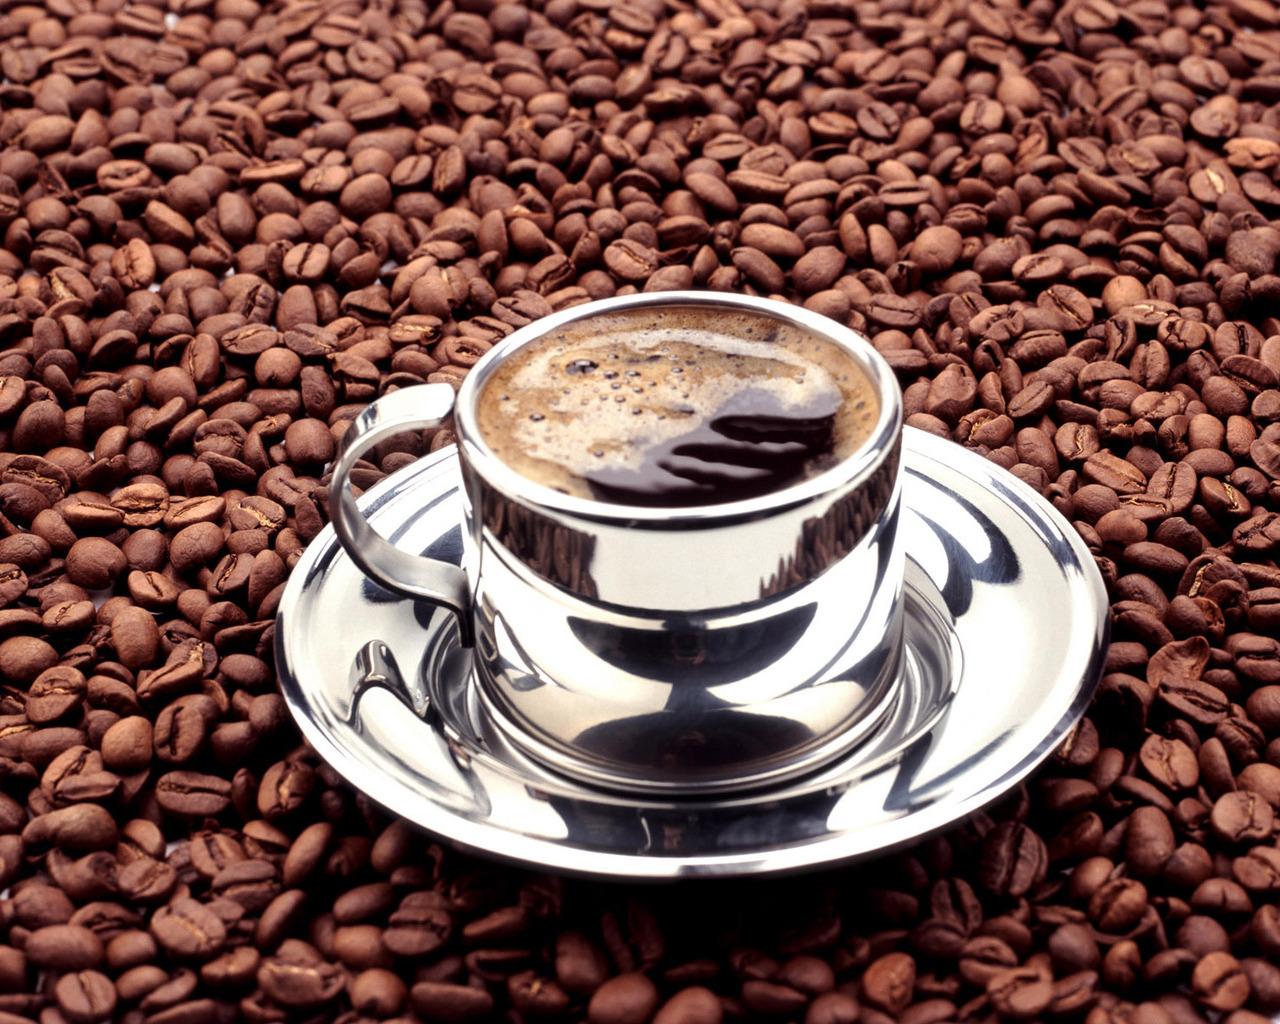 готовый кофе в кофеварке